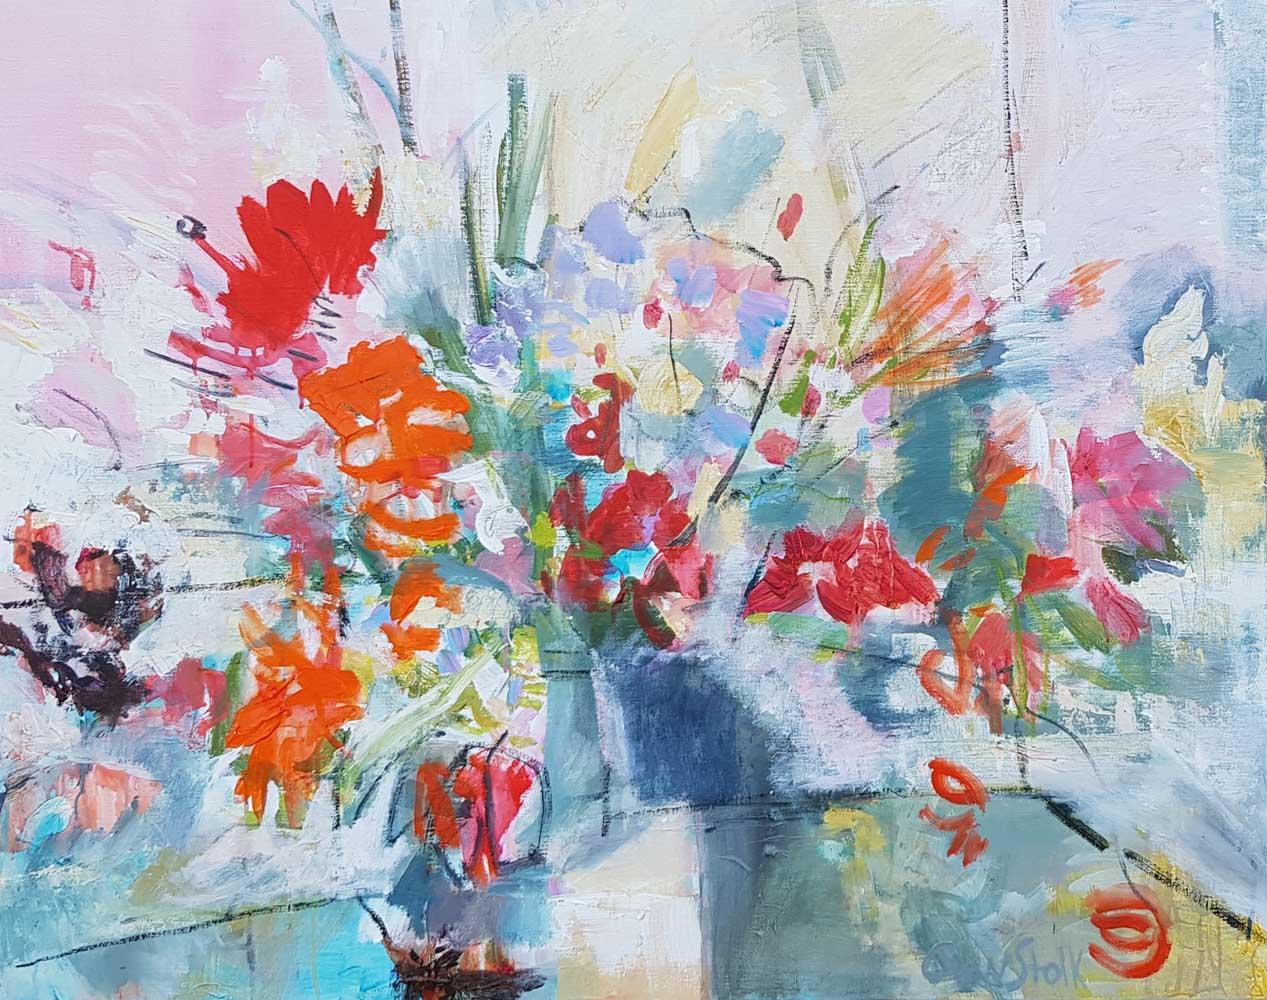 flowerimpression 2